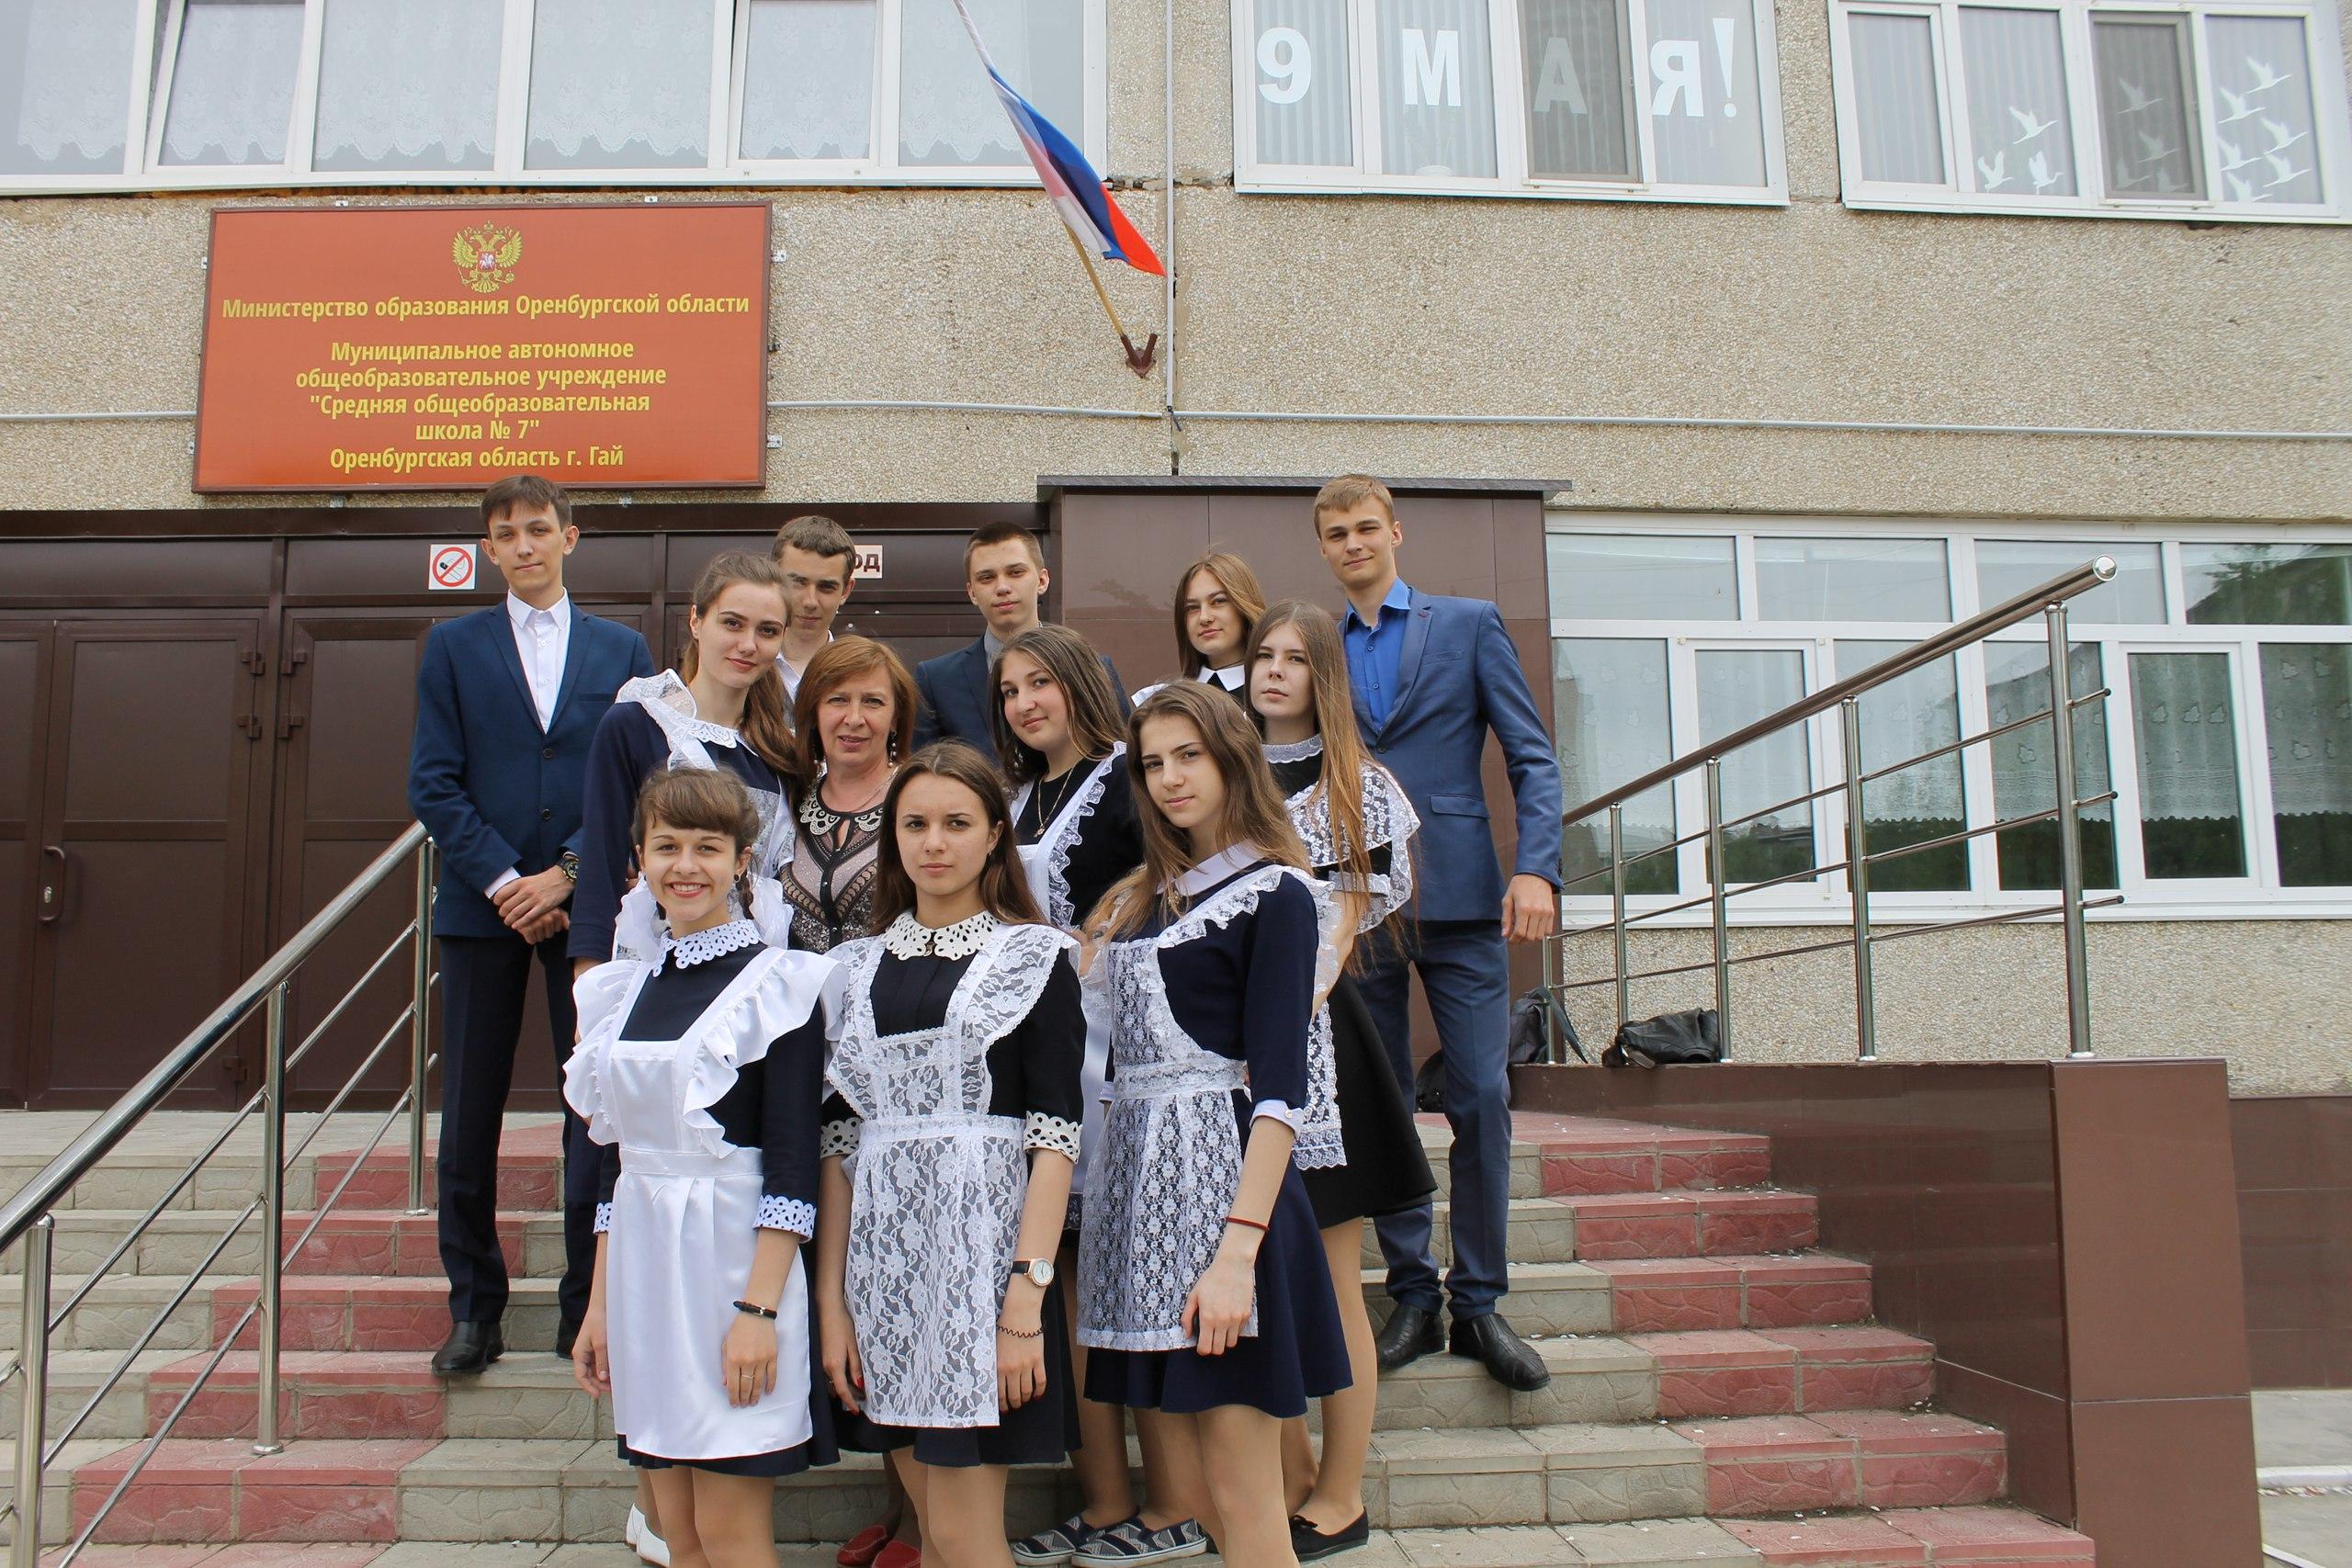 схема города гай оренбургской области